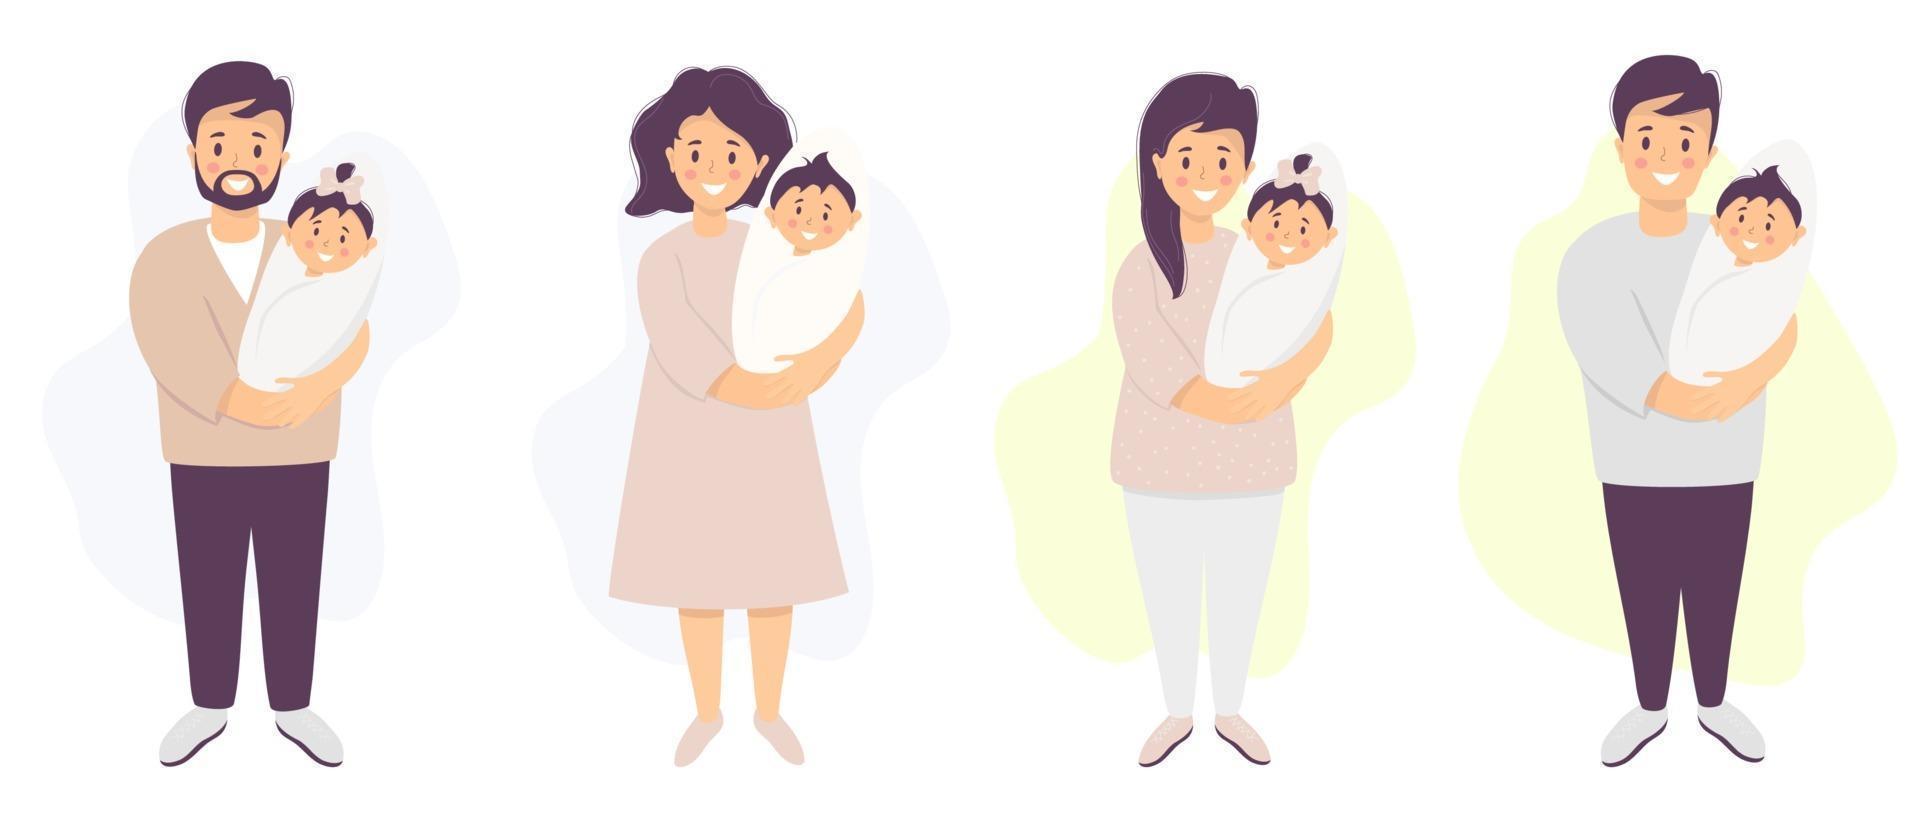 pais felizes com um bebê. um homem e uma mulher estão de pé e segurando seu filho recém-nascido e filha. ilustração vetorial. conjunto de ilustração de characters.flat para design, decoração, impressão e cartões postais vetor